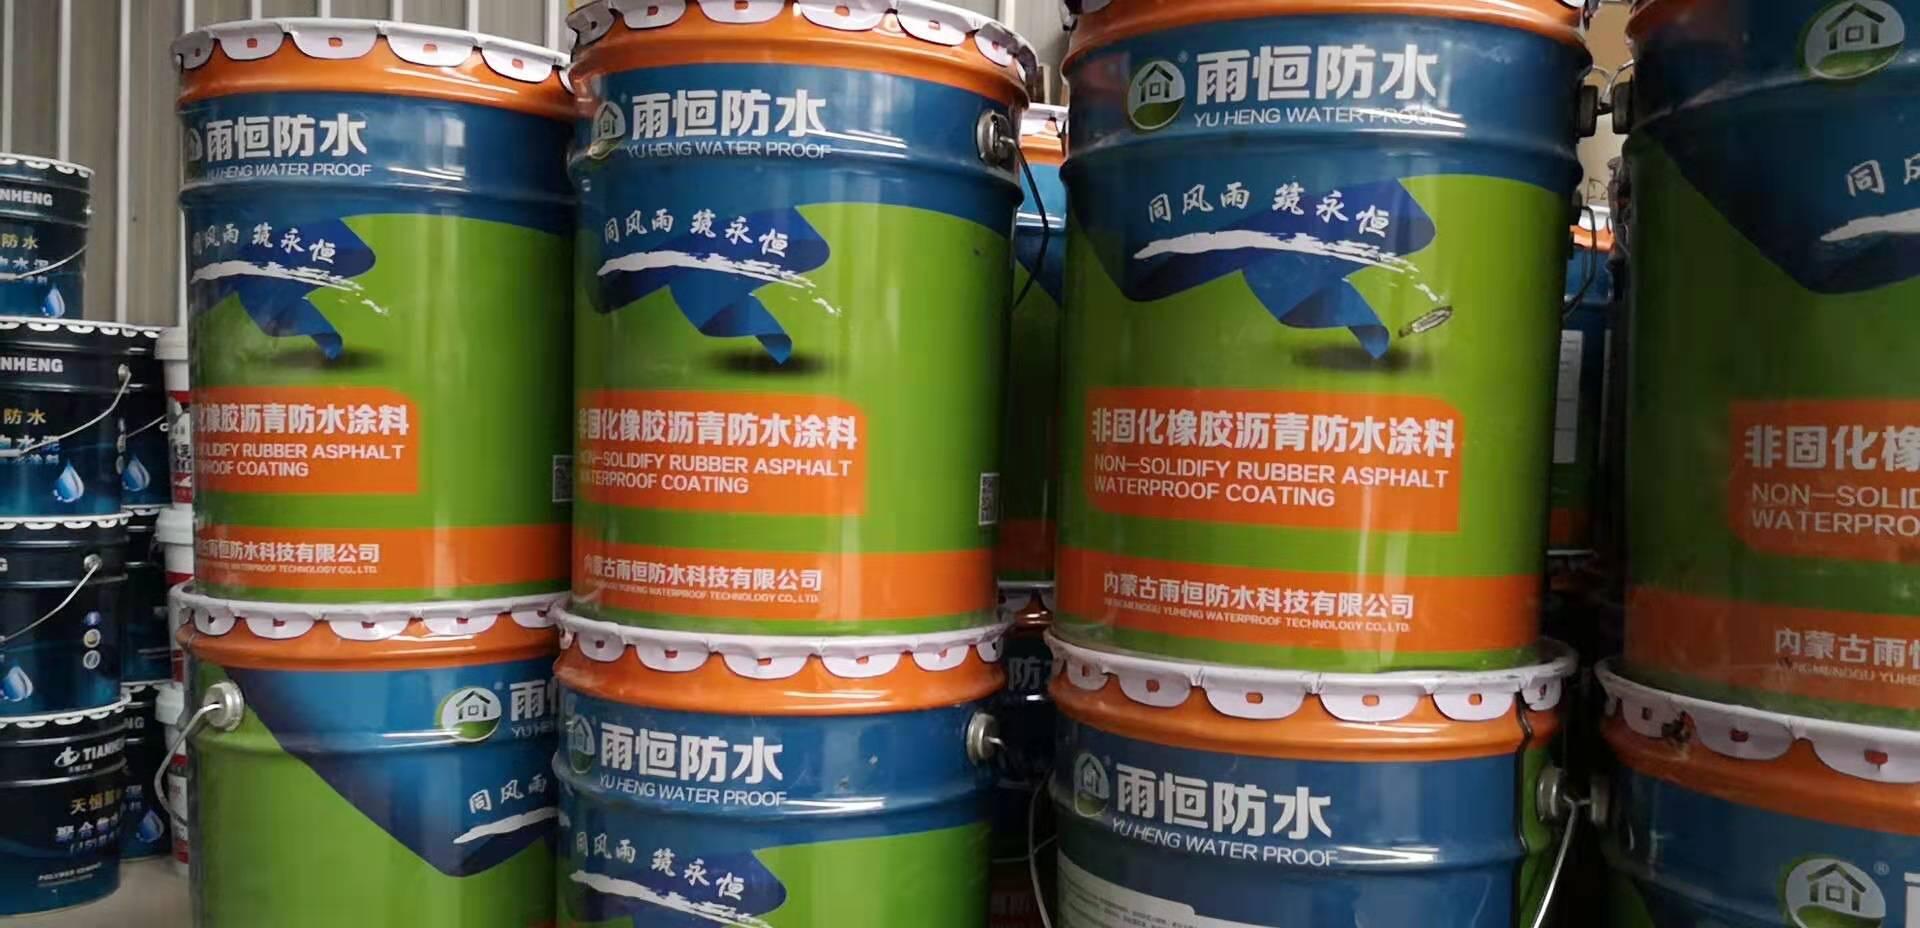 内蒙古非固化防水涂料